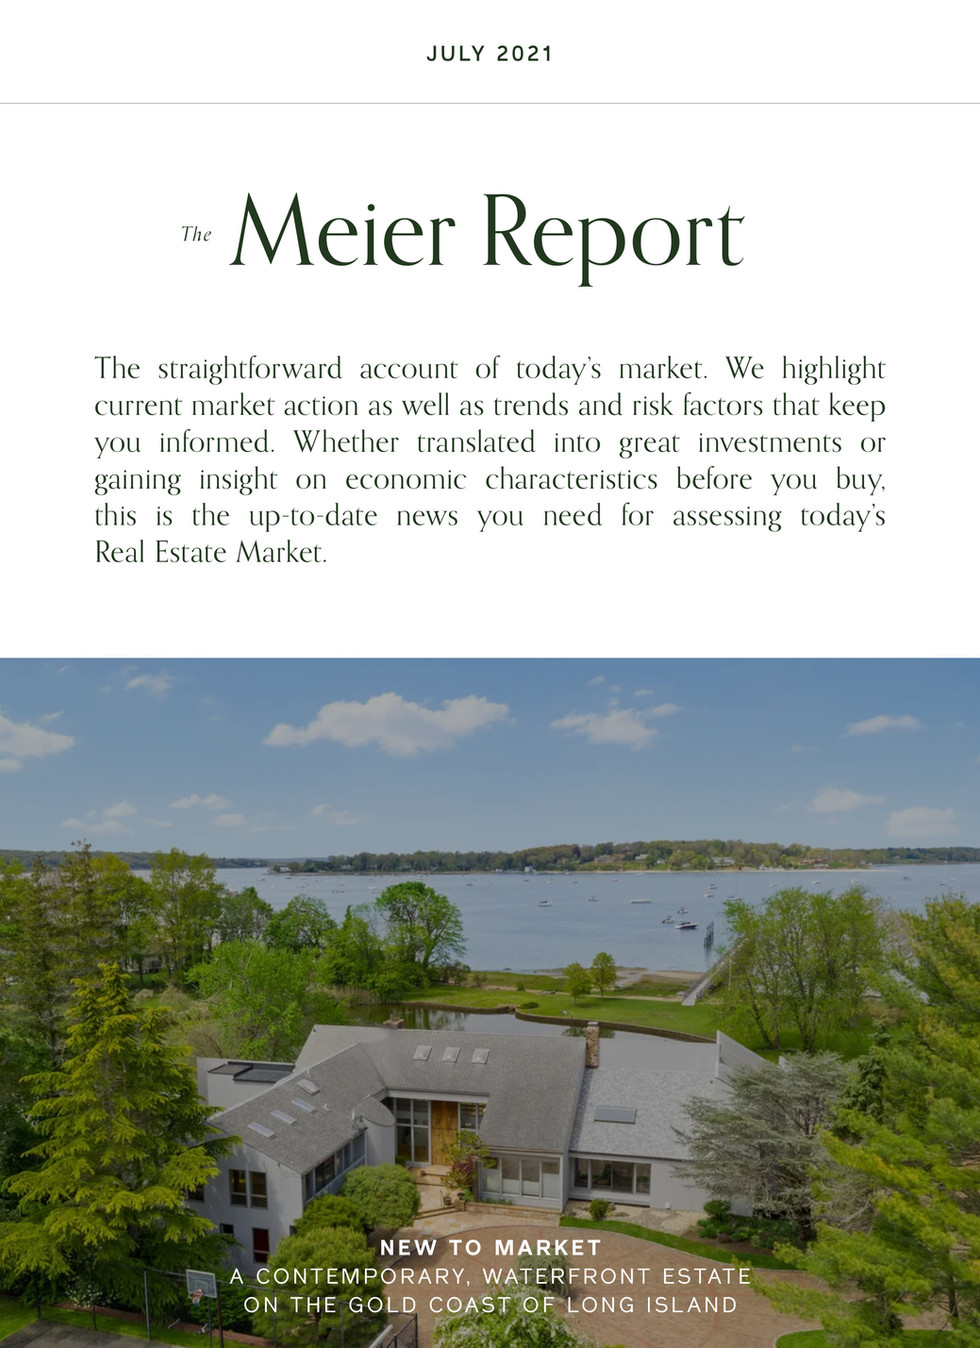 Meier_Report_0721_Hubspot.jpg